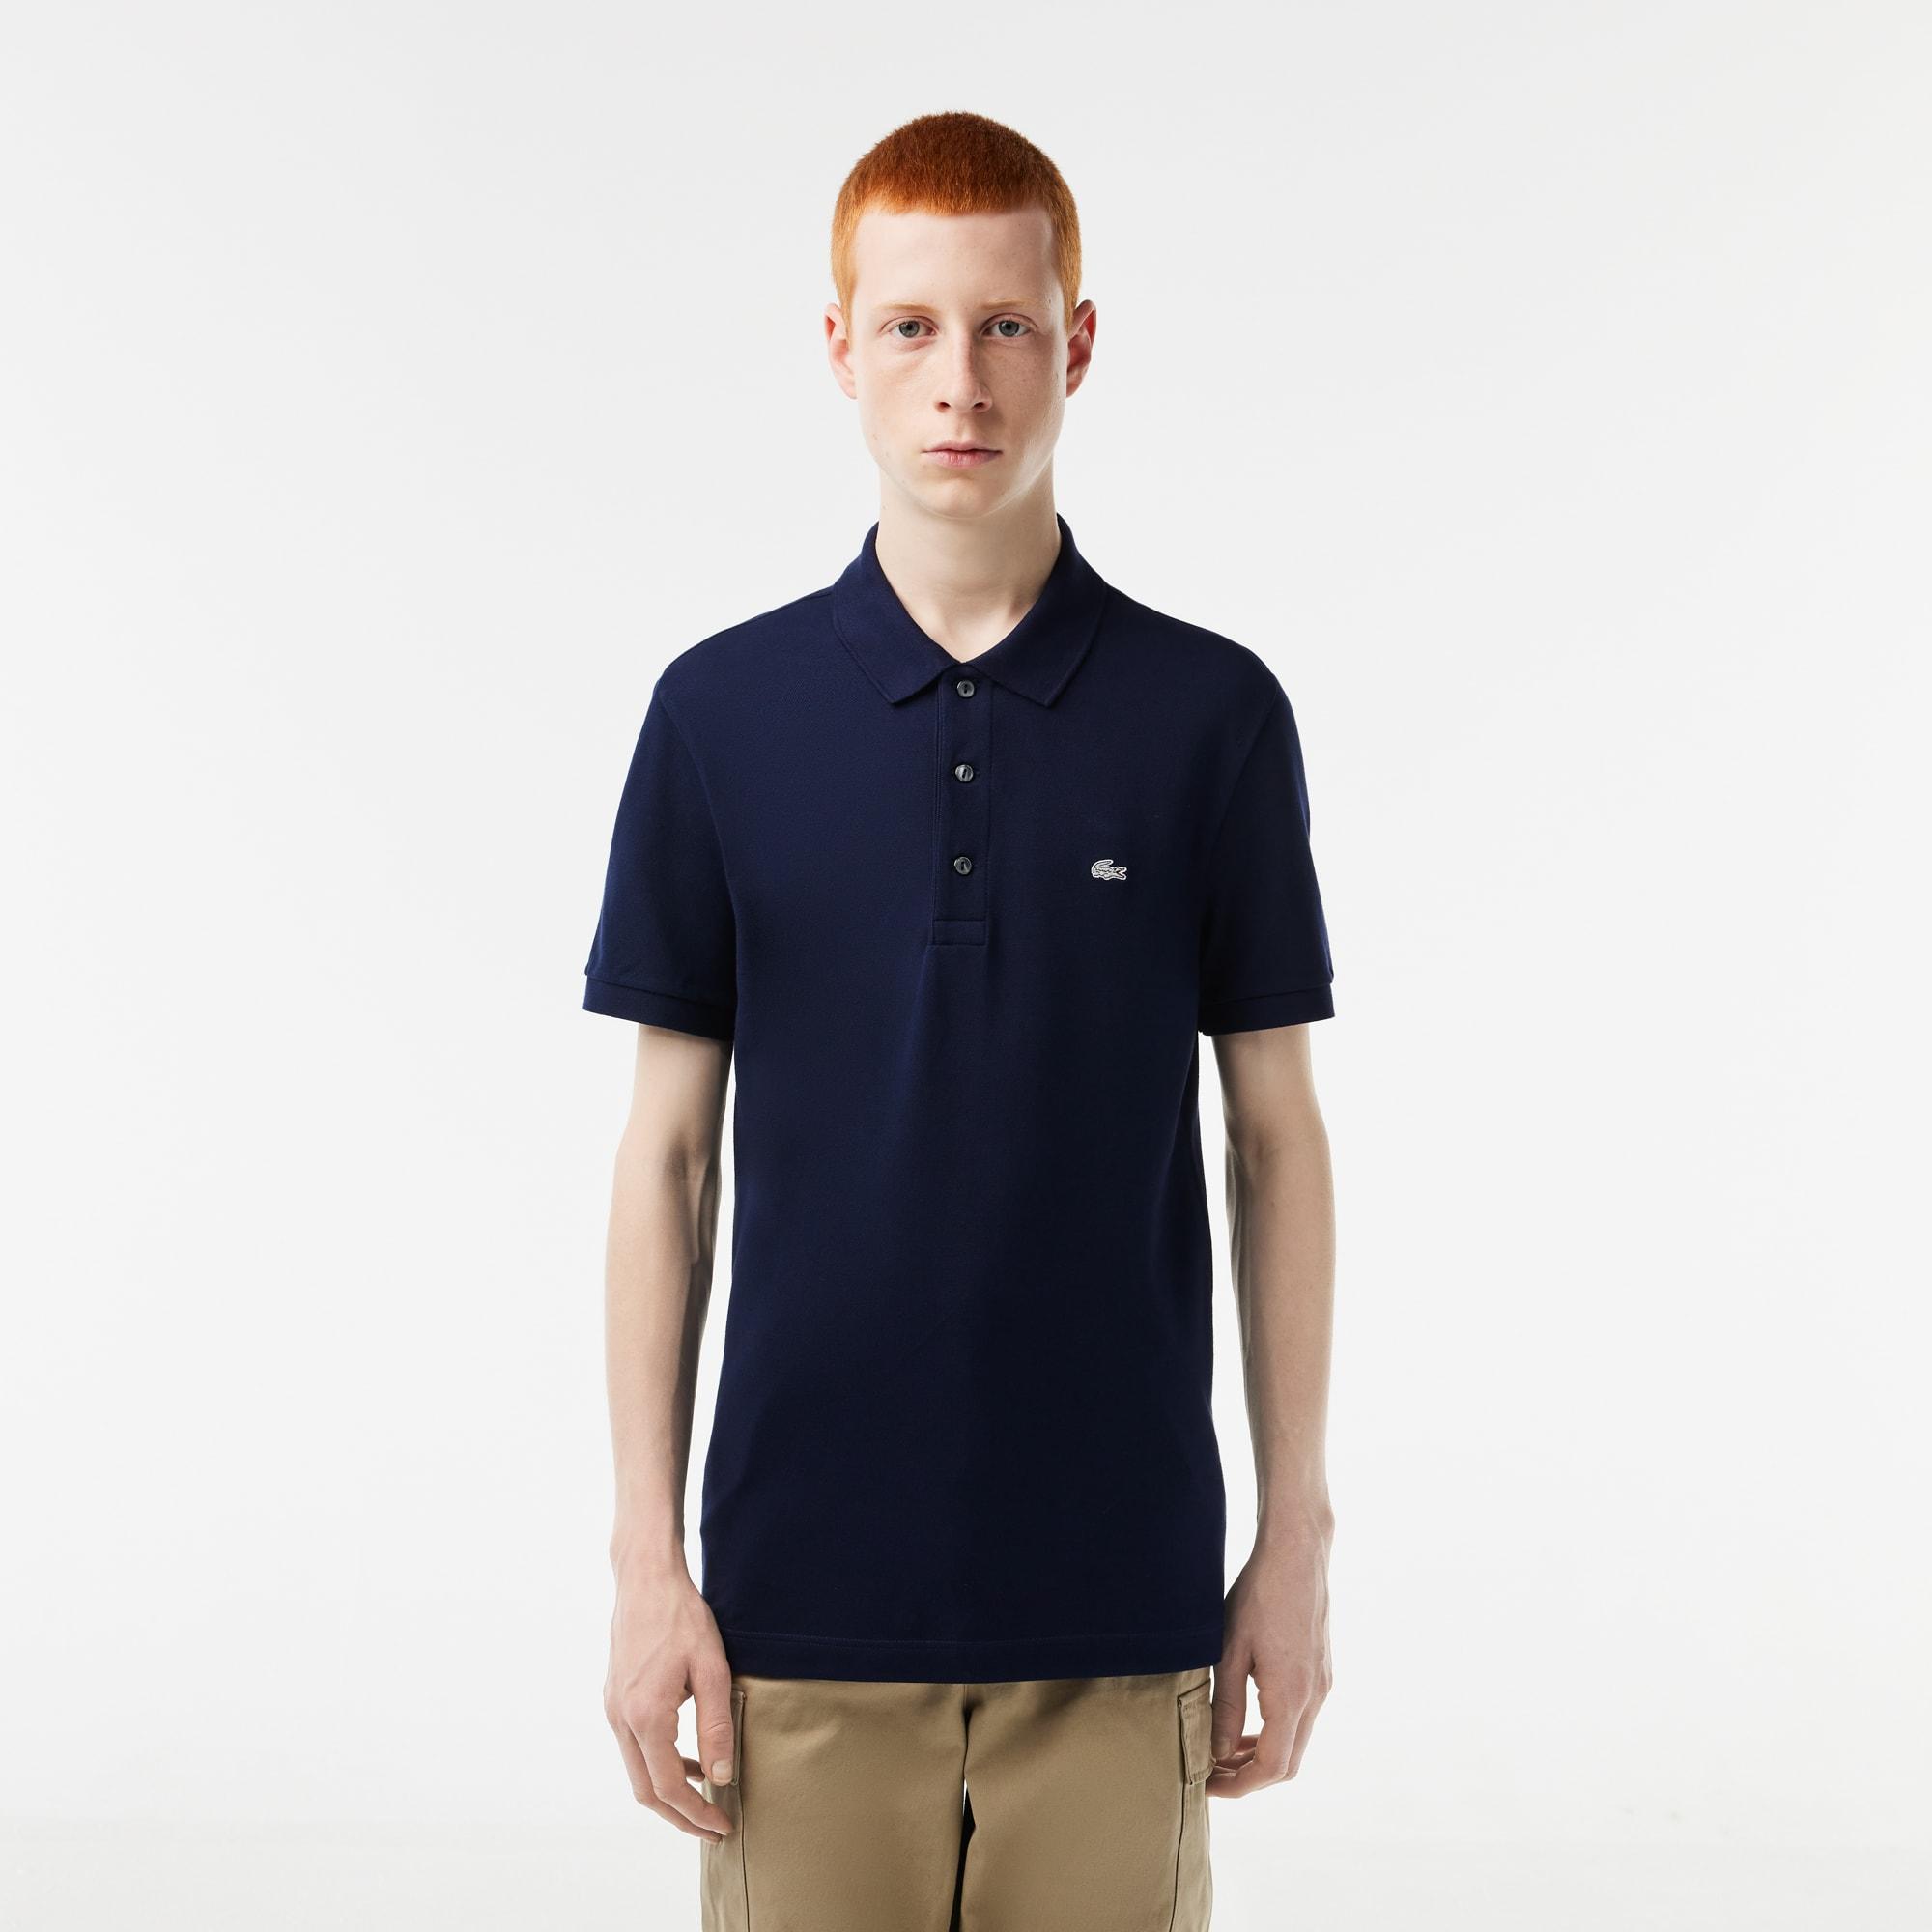 d6ff904c2ea Men's Slim fit Lacoste Polo Shirt in stretch petit piqué | LACOSTE